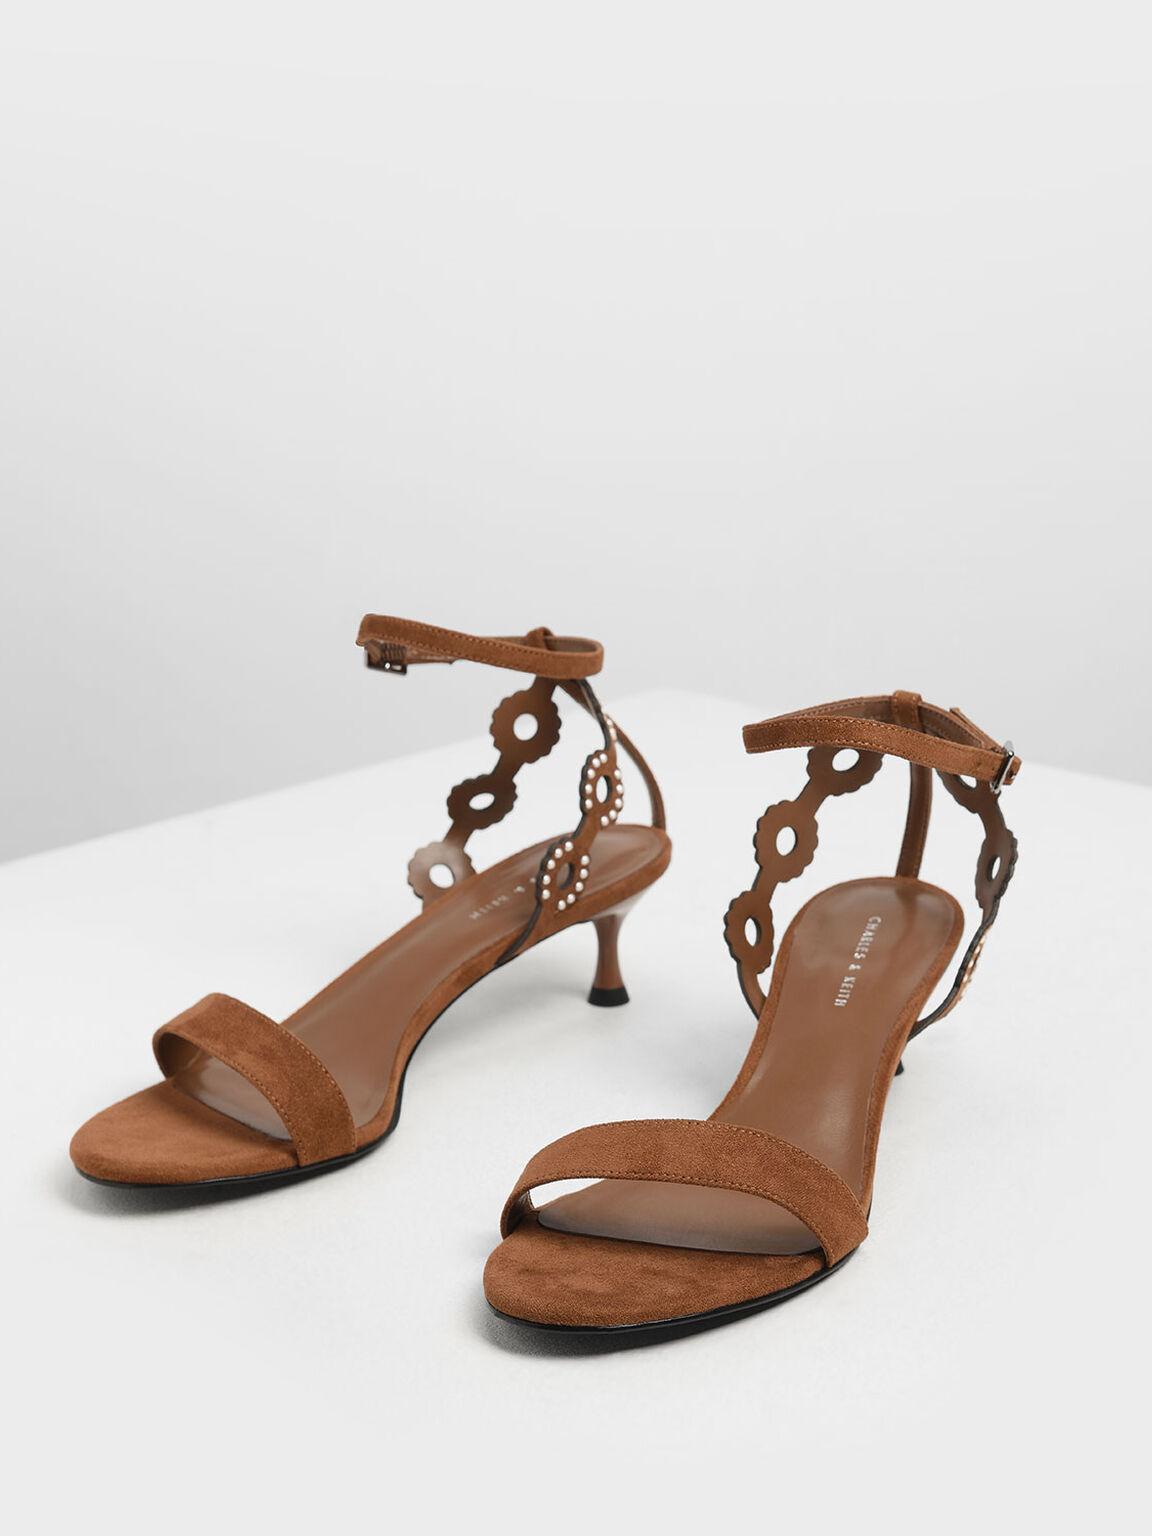 Cut-Out Embellished Kitten Heels, Camel, hi-res